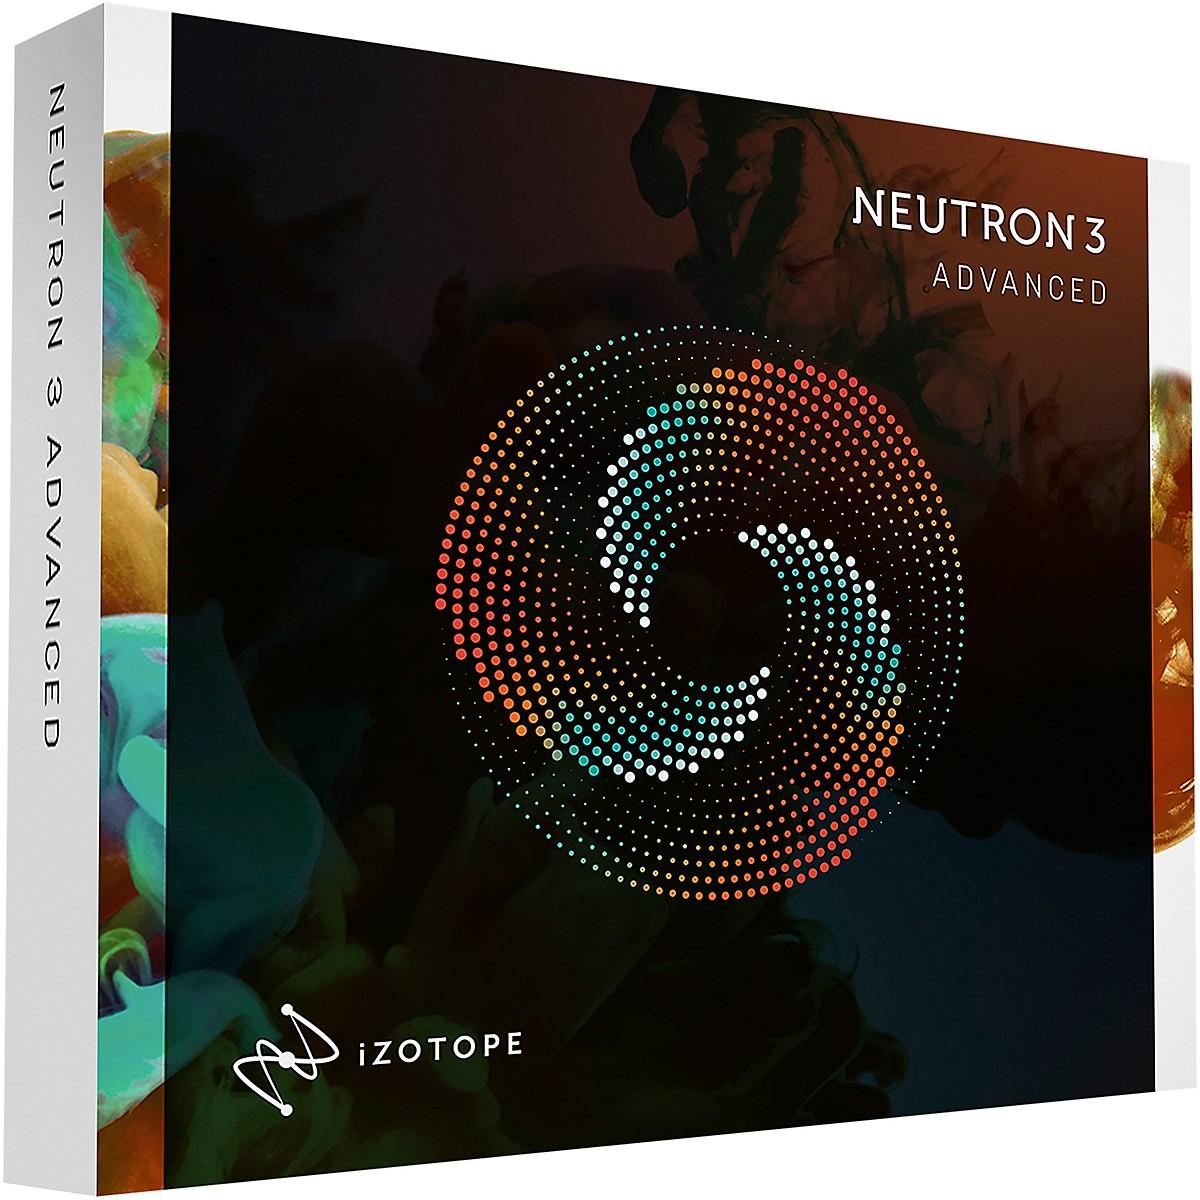 iZotope Neutron 3 Advanced: Upgrade from Neutron 1-2 Advanced